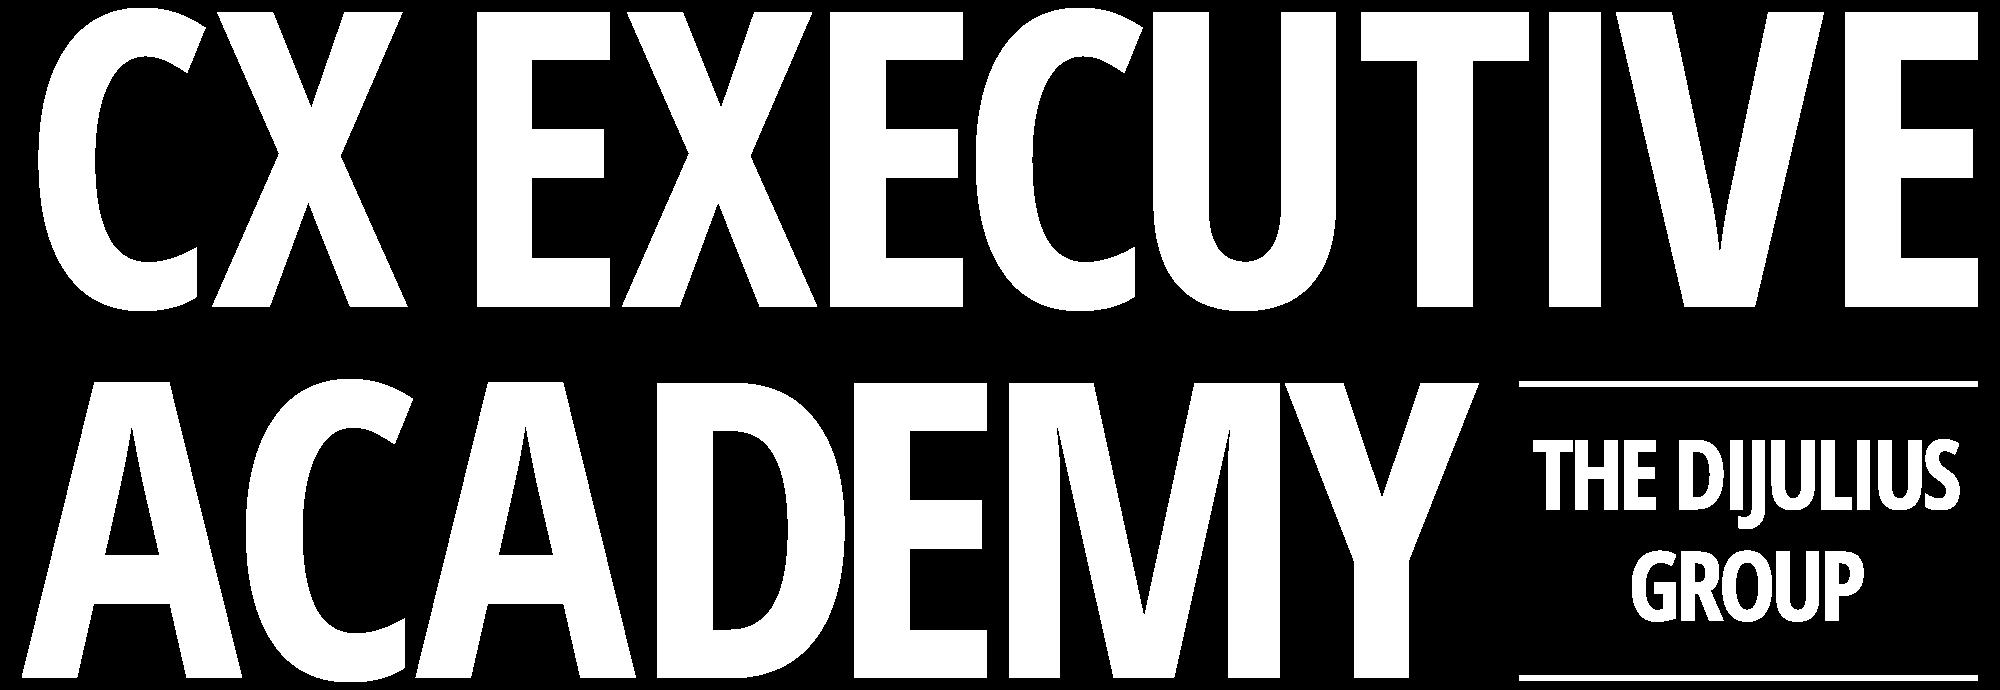 CX Executive Academy